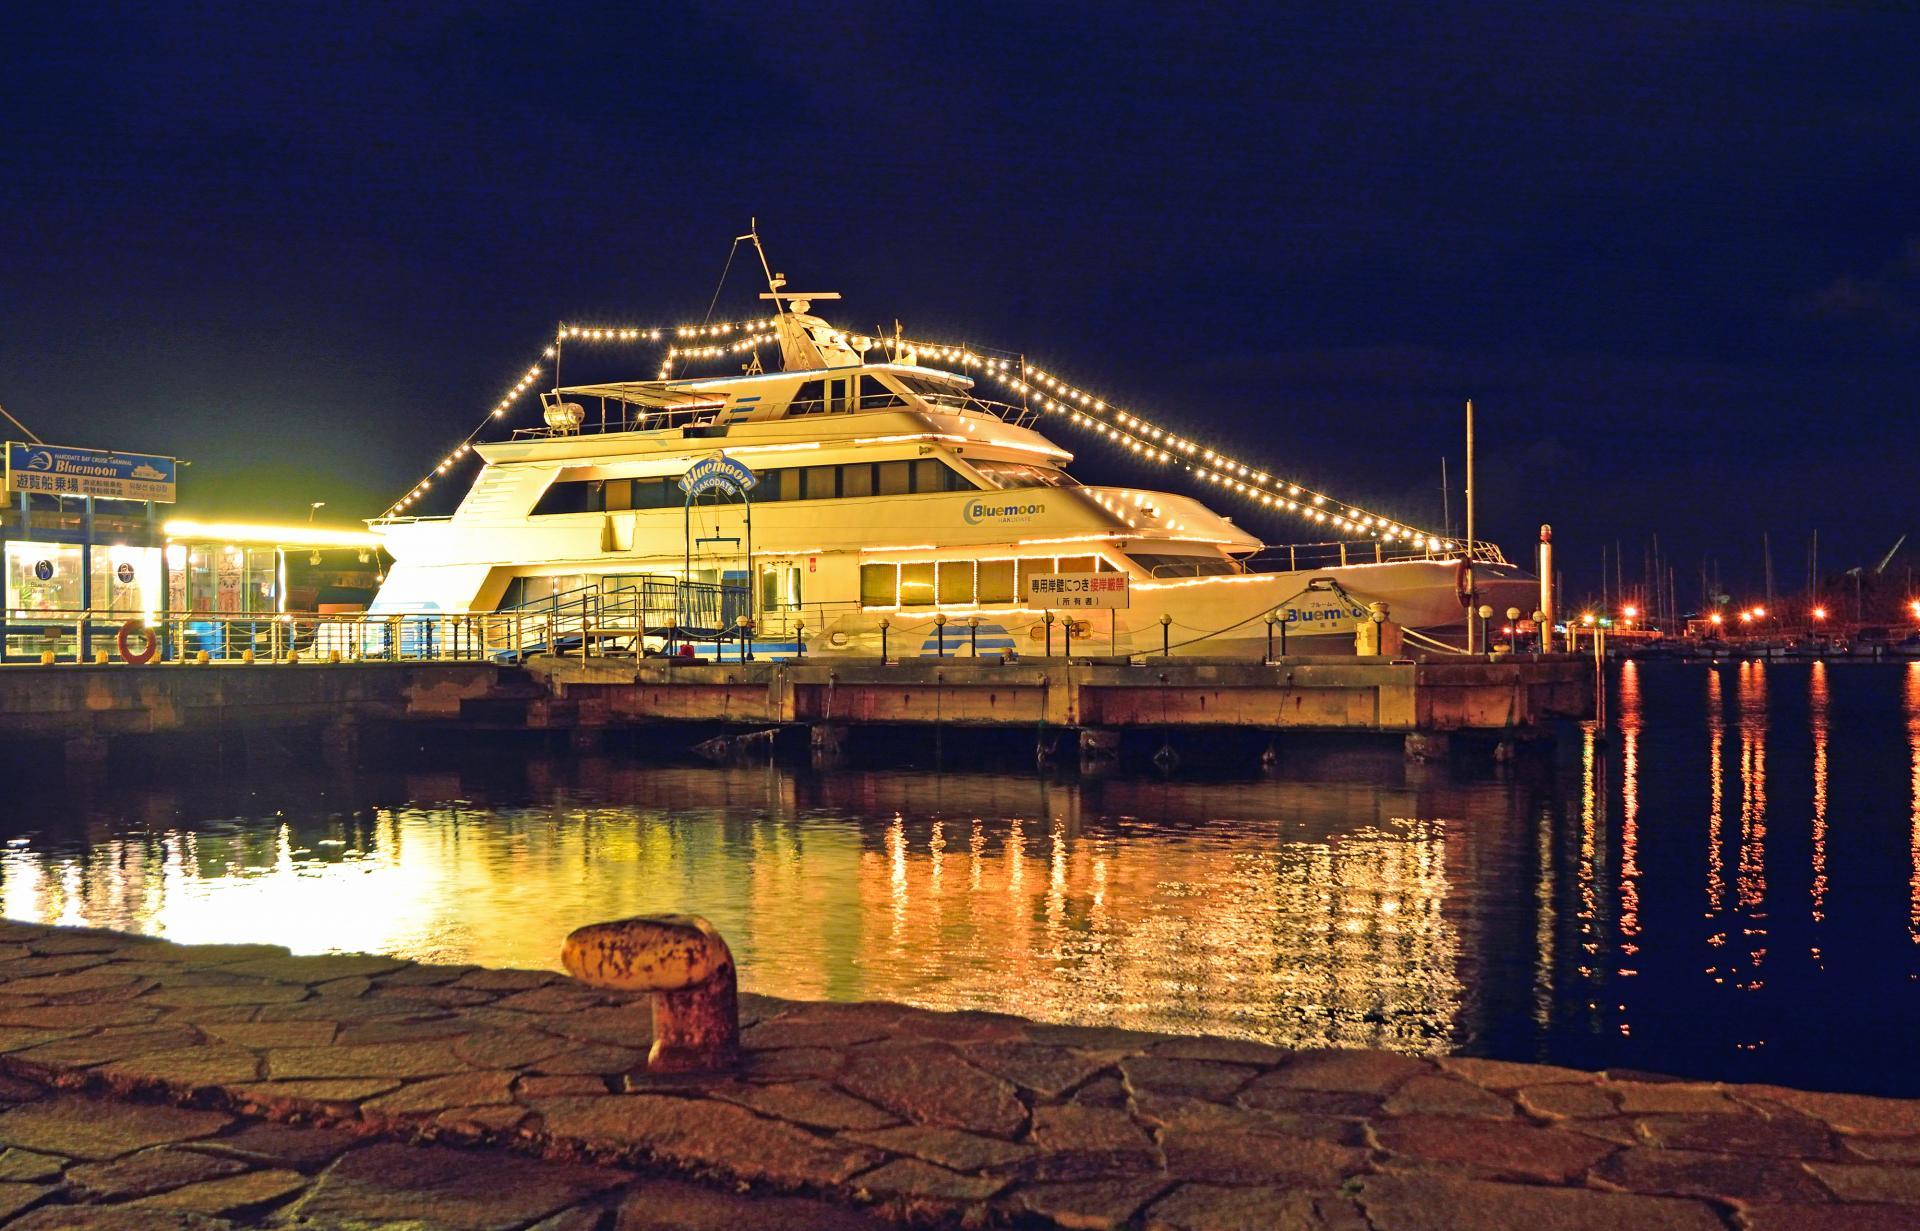 函館灣觀光遊覽船ー藍月號(Blue Moon)